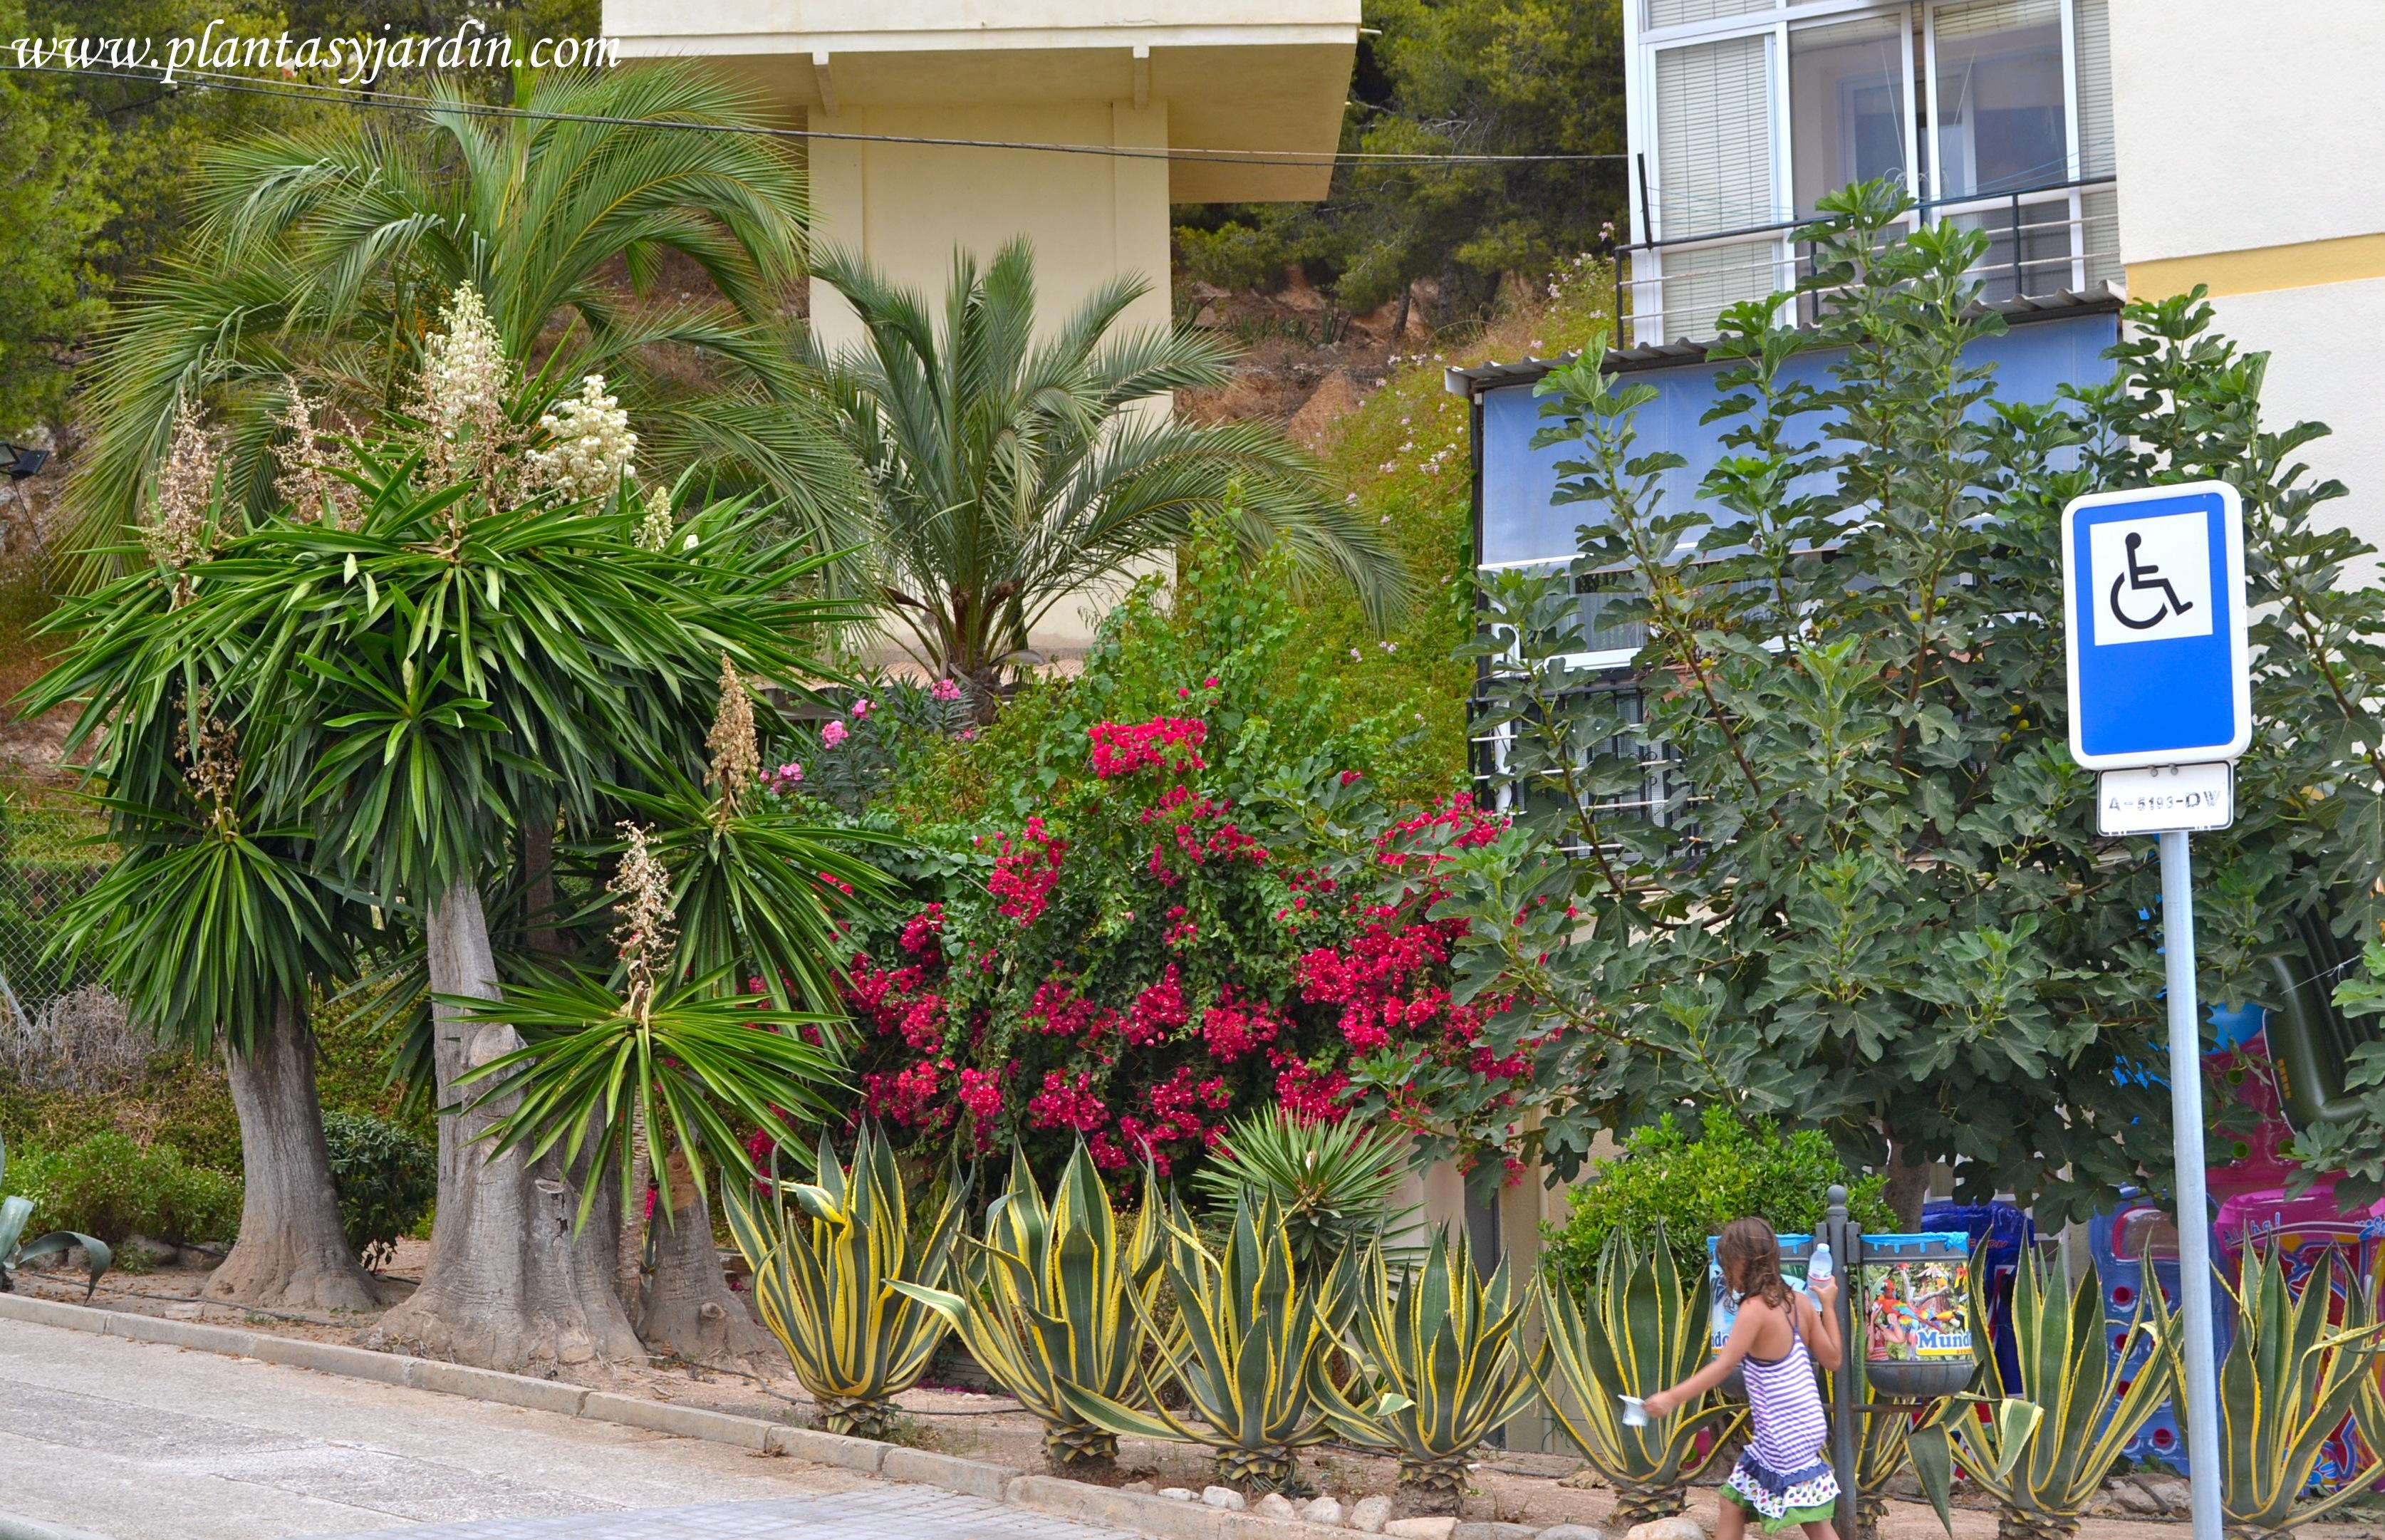 Yucca elephantipes yuca pie de elefante izote yuca gigante - Arboles y plantas de jardin ...